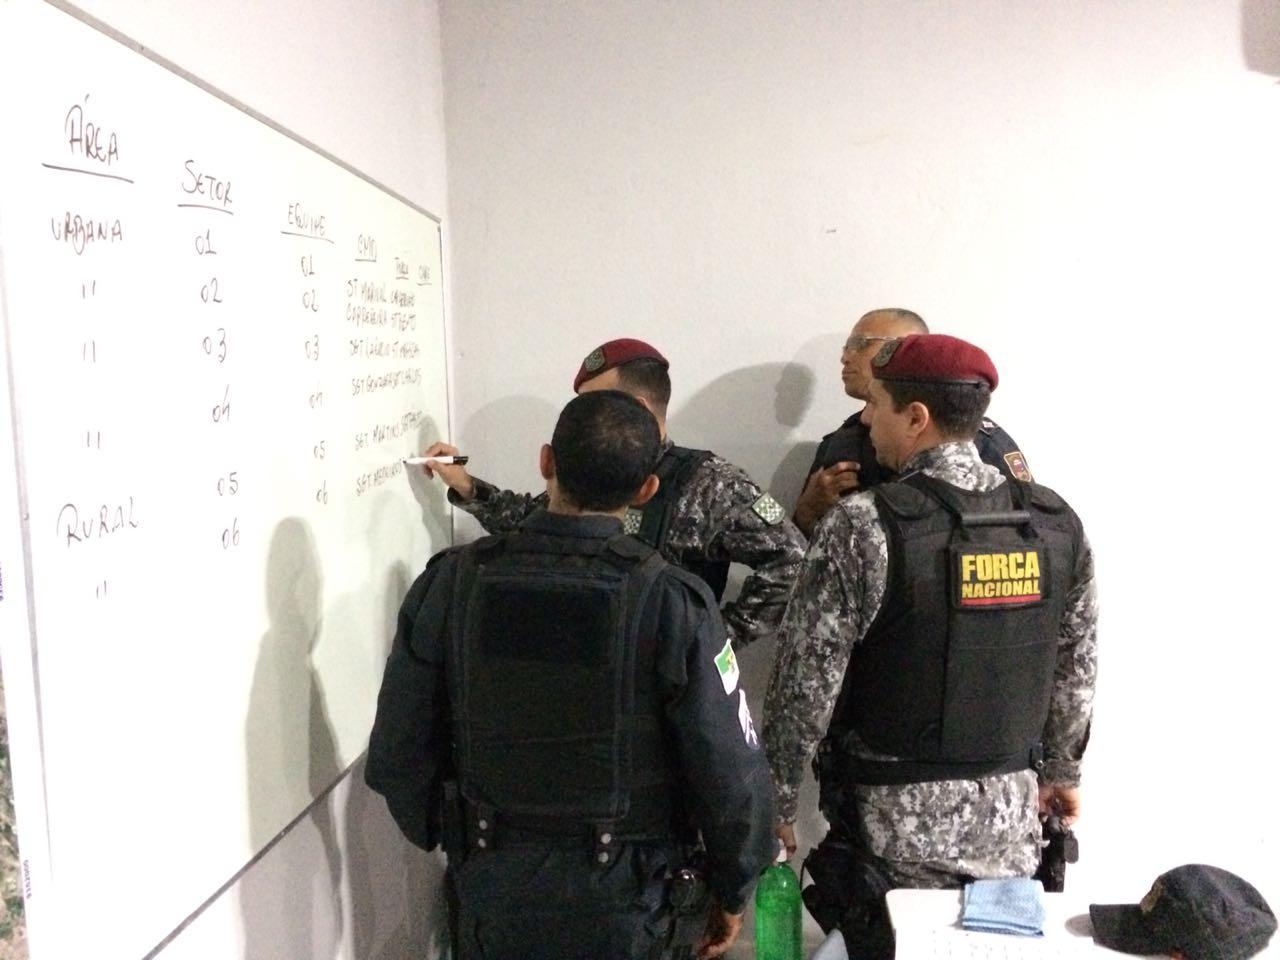 Operação Noite Segura é realizada em São Gonçalo do Amarante